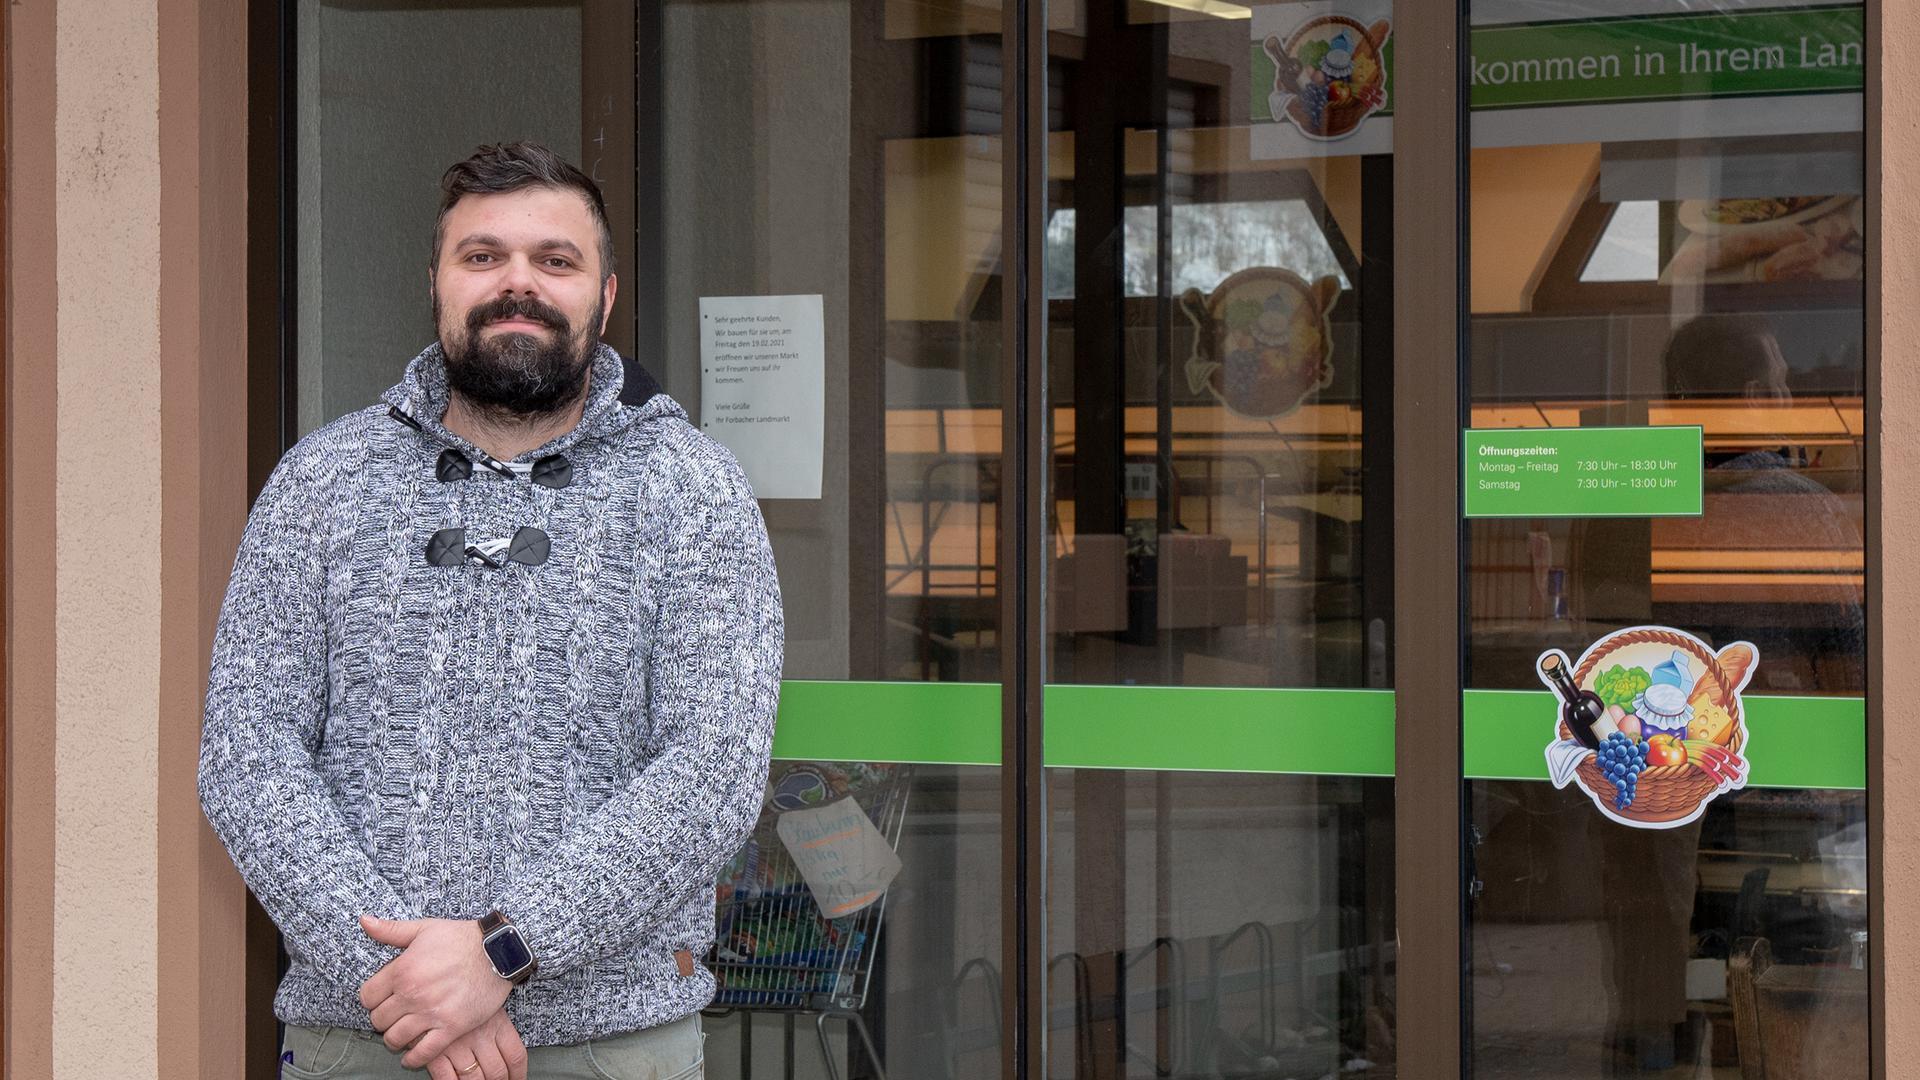 """Emir Rexhepi vor dem ehemaligen """"Nah und gut""""-Supermarkt"""